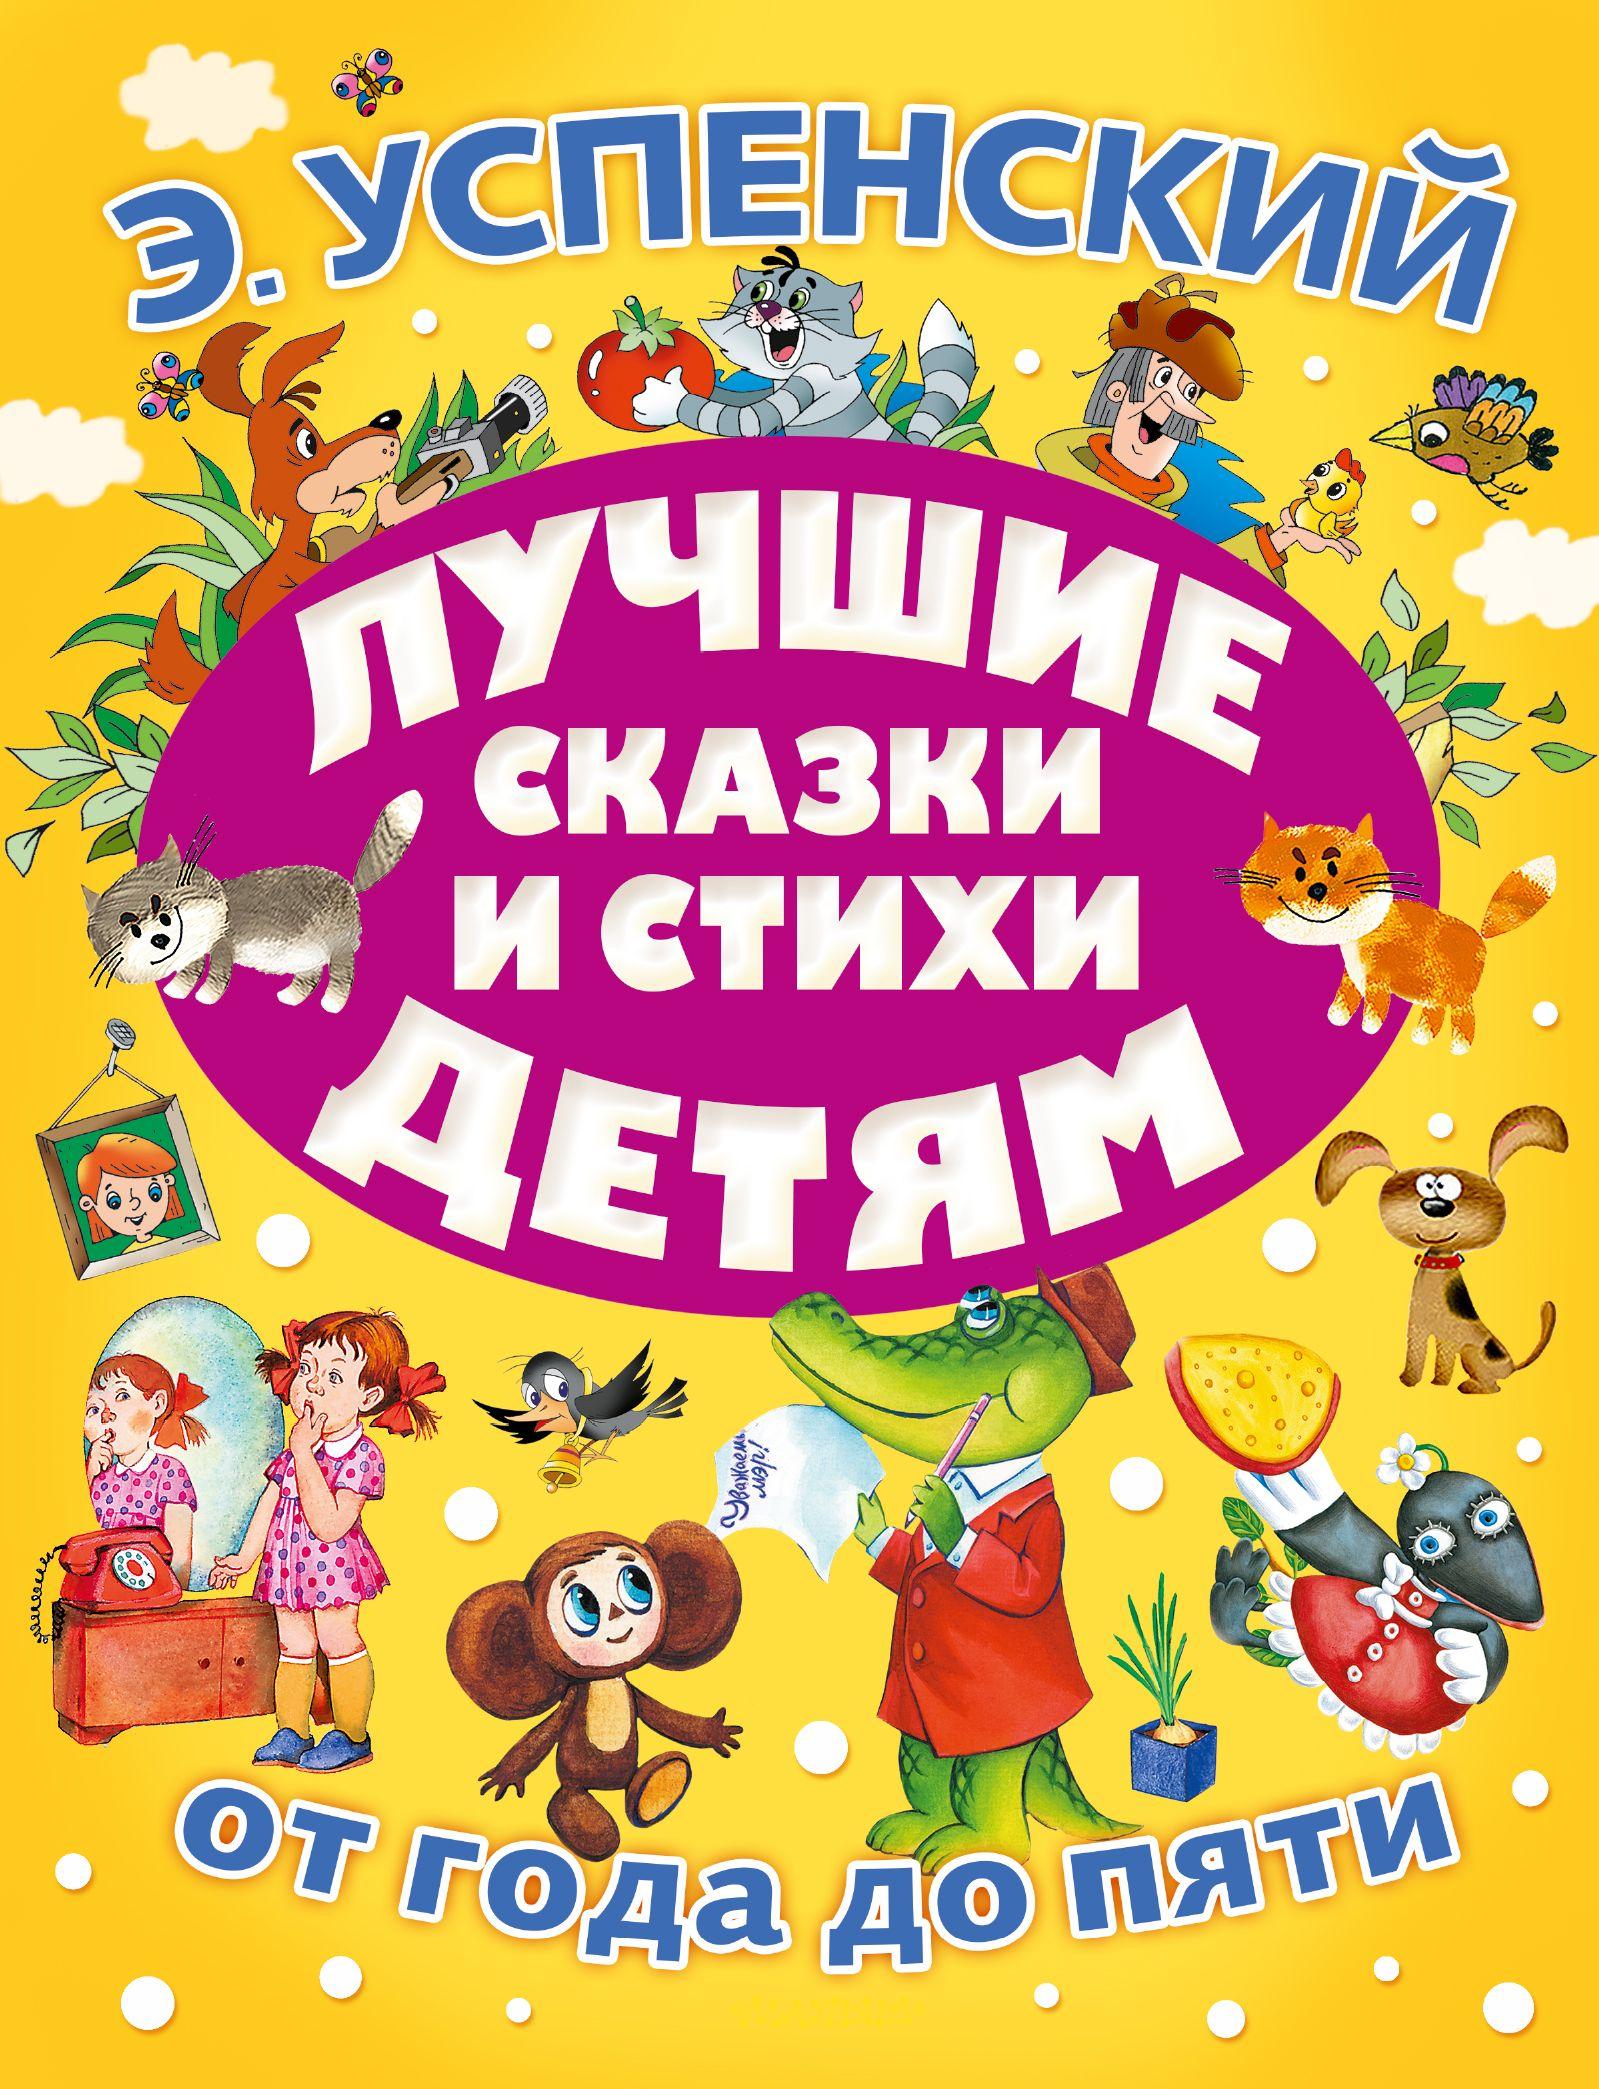 Купить книгу Лучшие сказки и стихи детям, автора Эдуарда Успенского